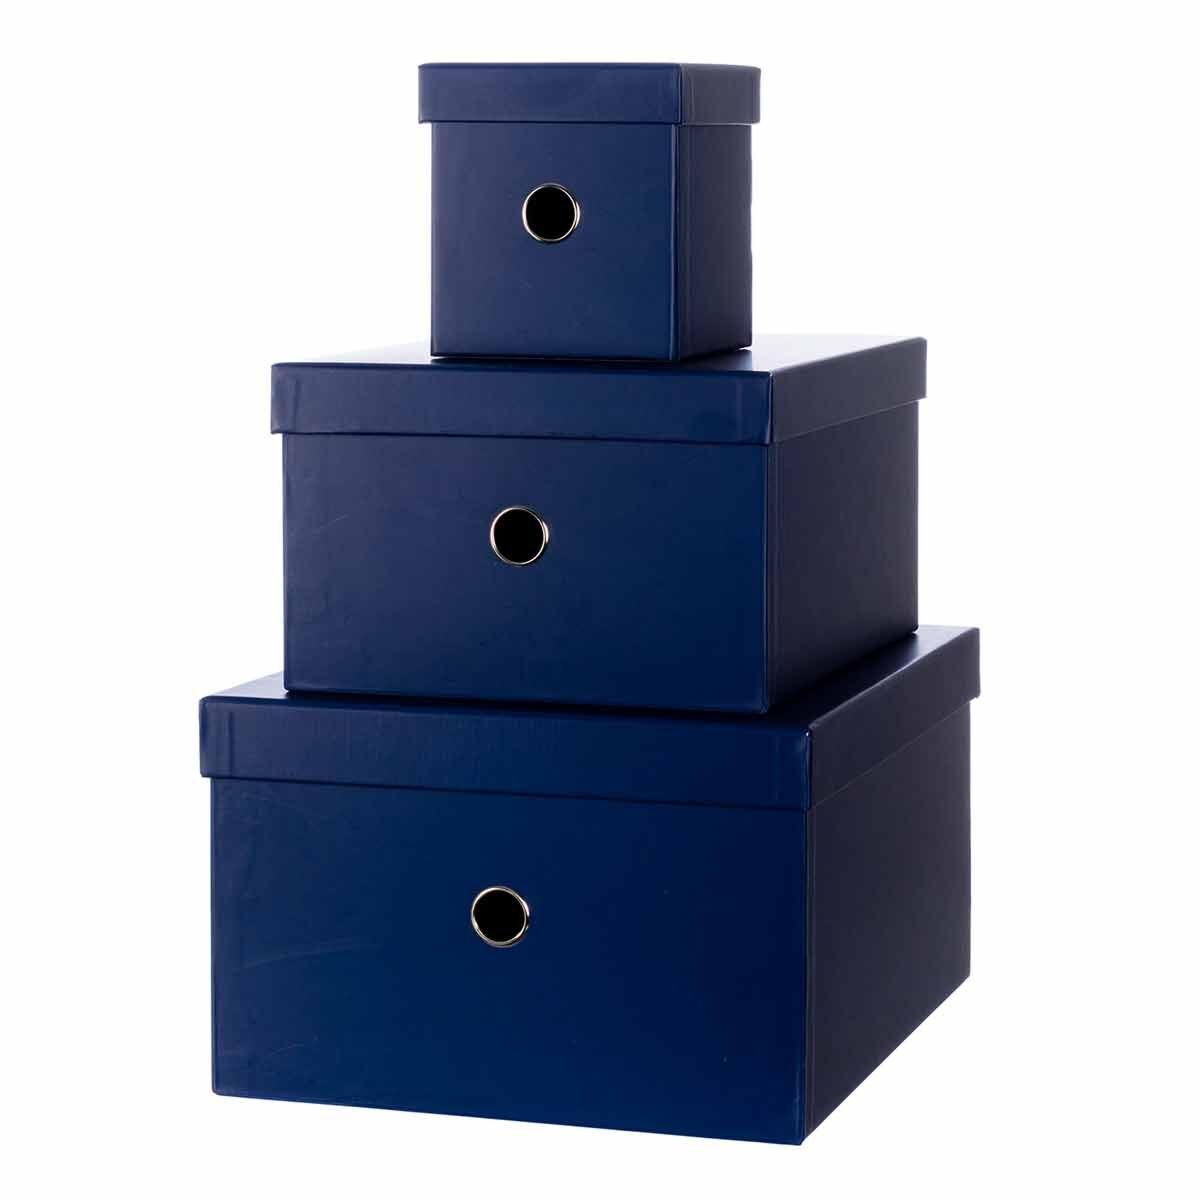 Ryman Storage Boxes Navy Set of 3